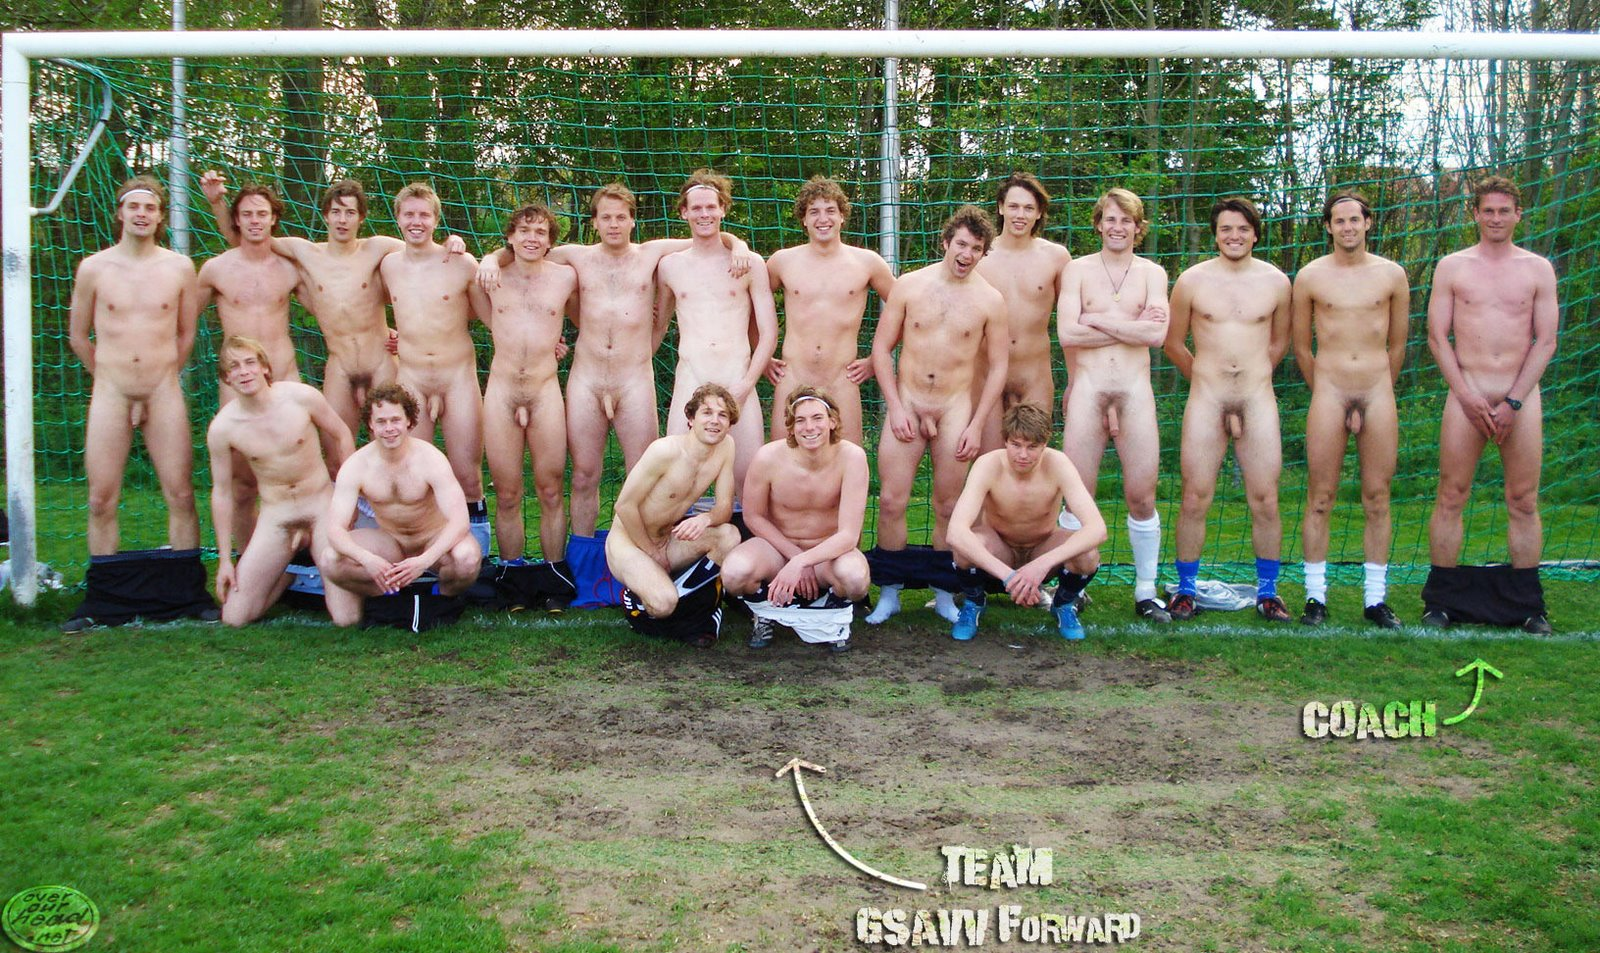 soccer players naked | osnovosti.ru